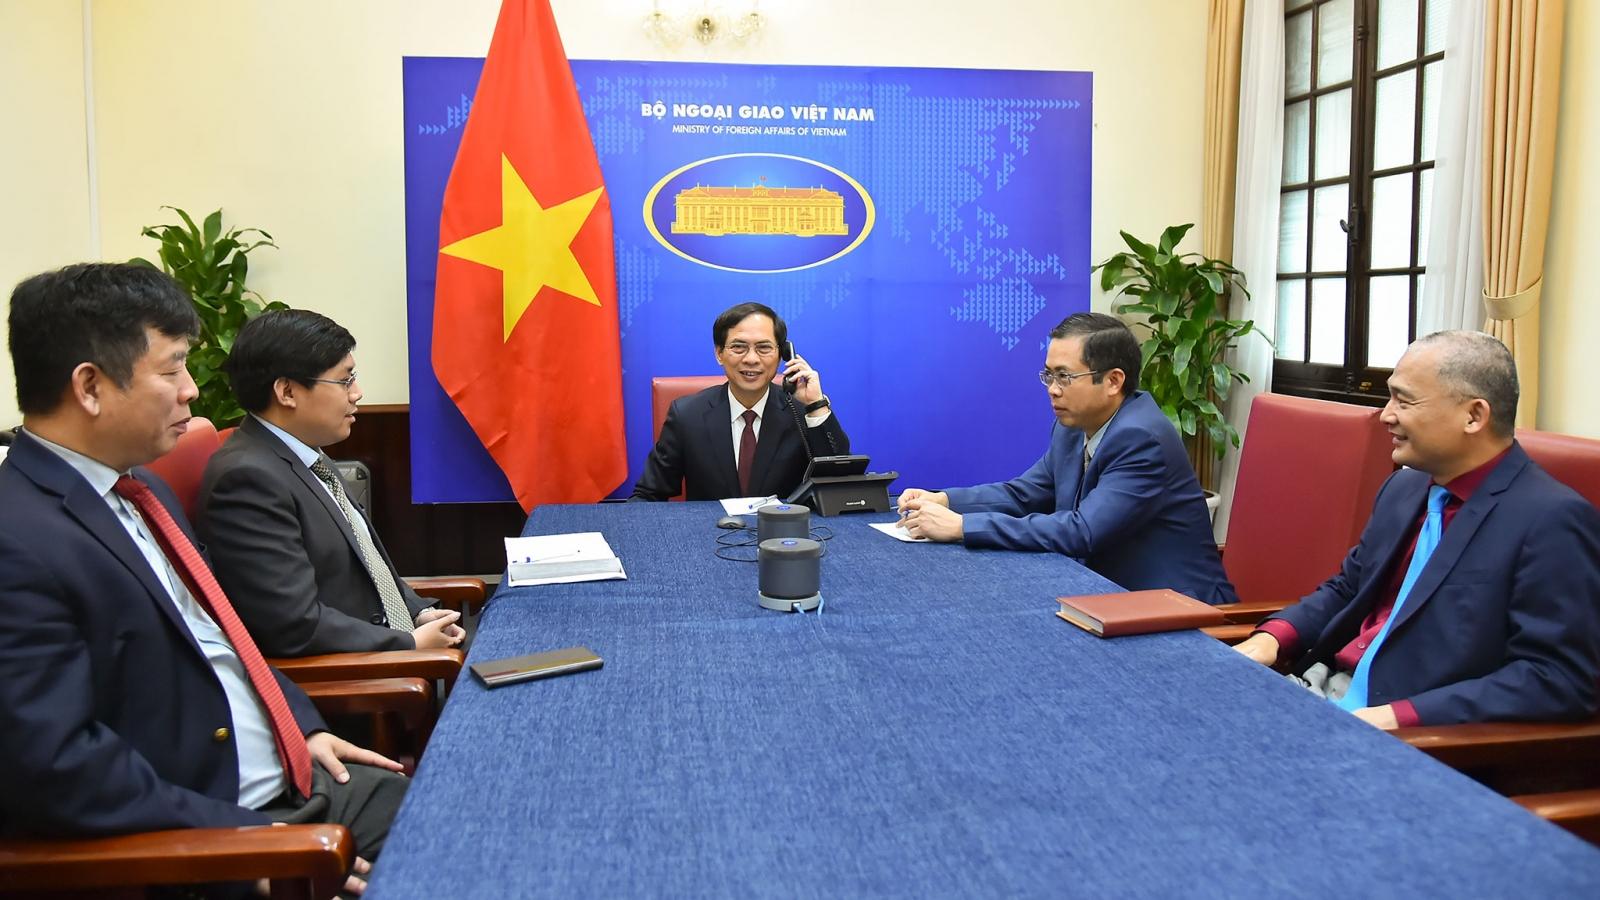 Bộ trưởng Ngoại giao Bùi Thanh Sơn điện đàm với Bộ trưởng Ngoại giao Ma-rốc, Ấn Độ